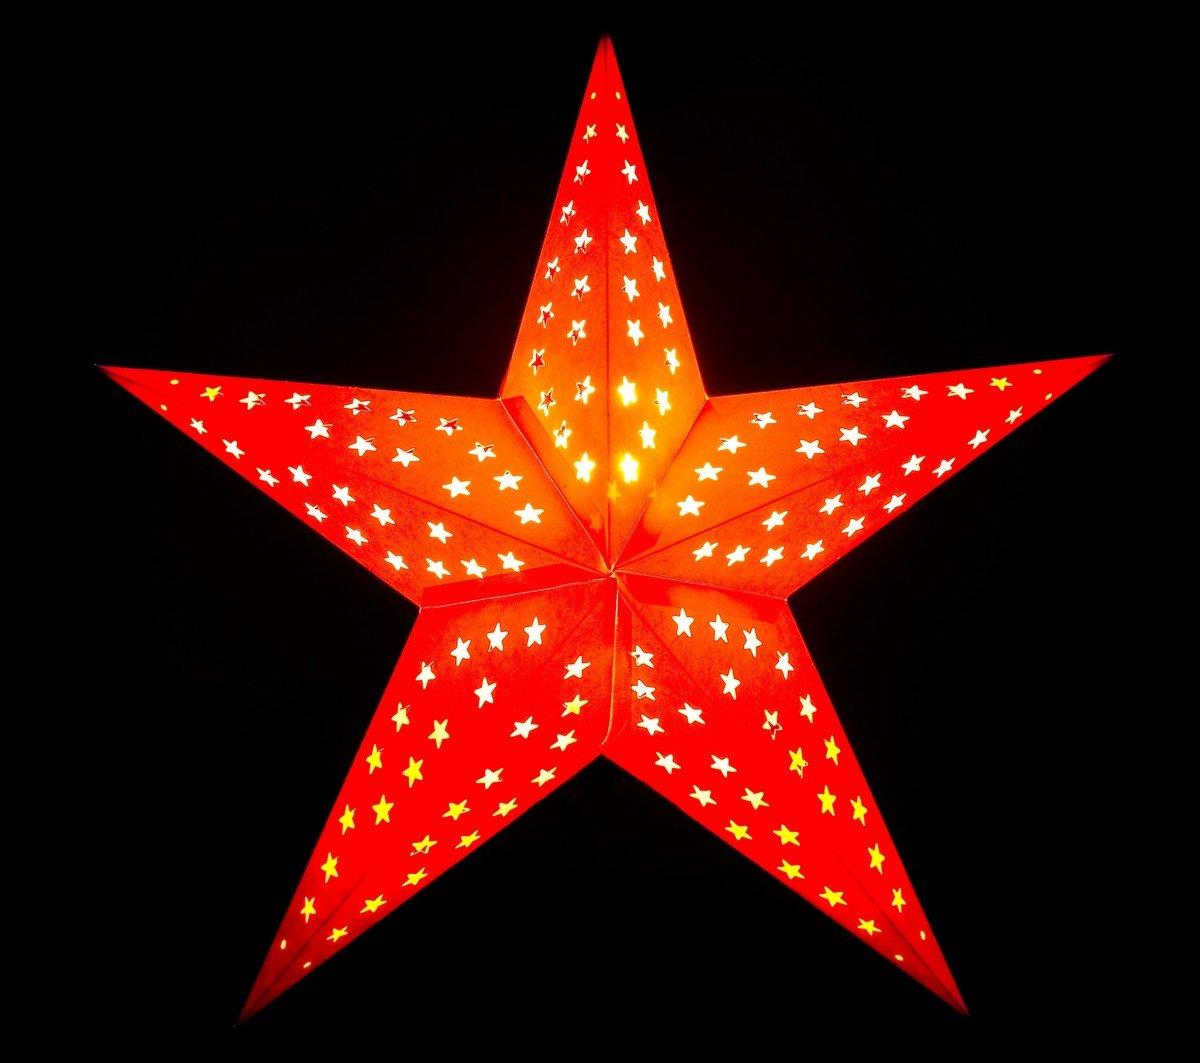 некоторых звезды звезды картинки обозначенная кредитная организация